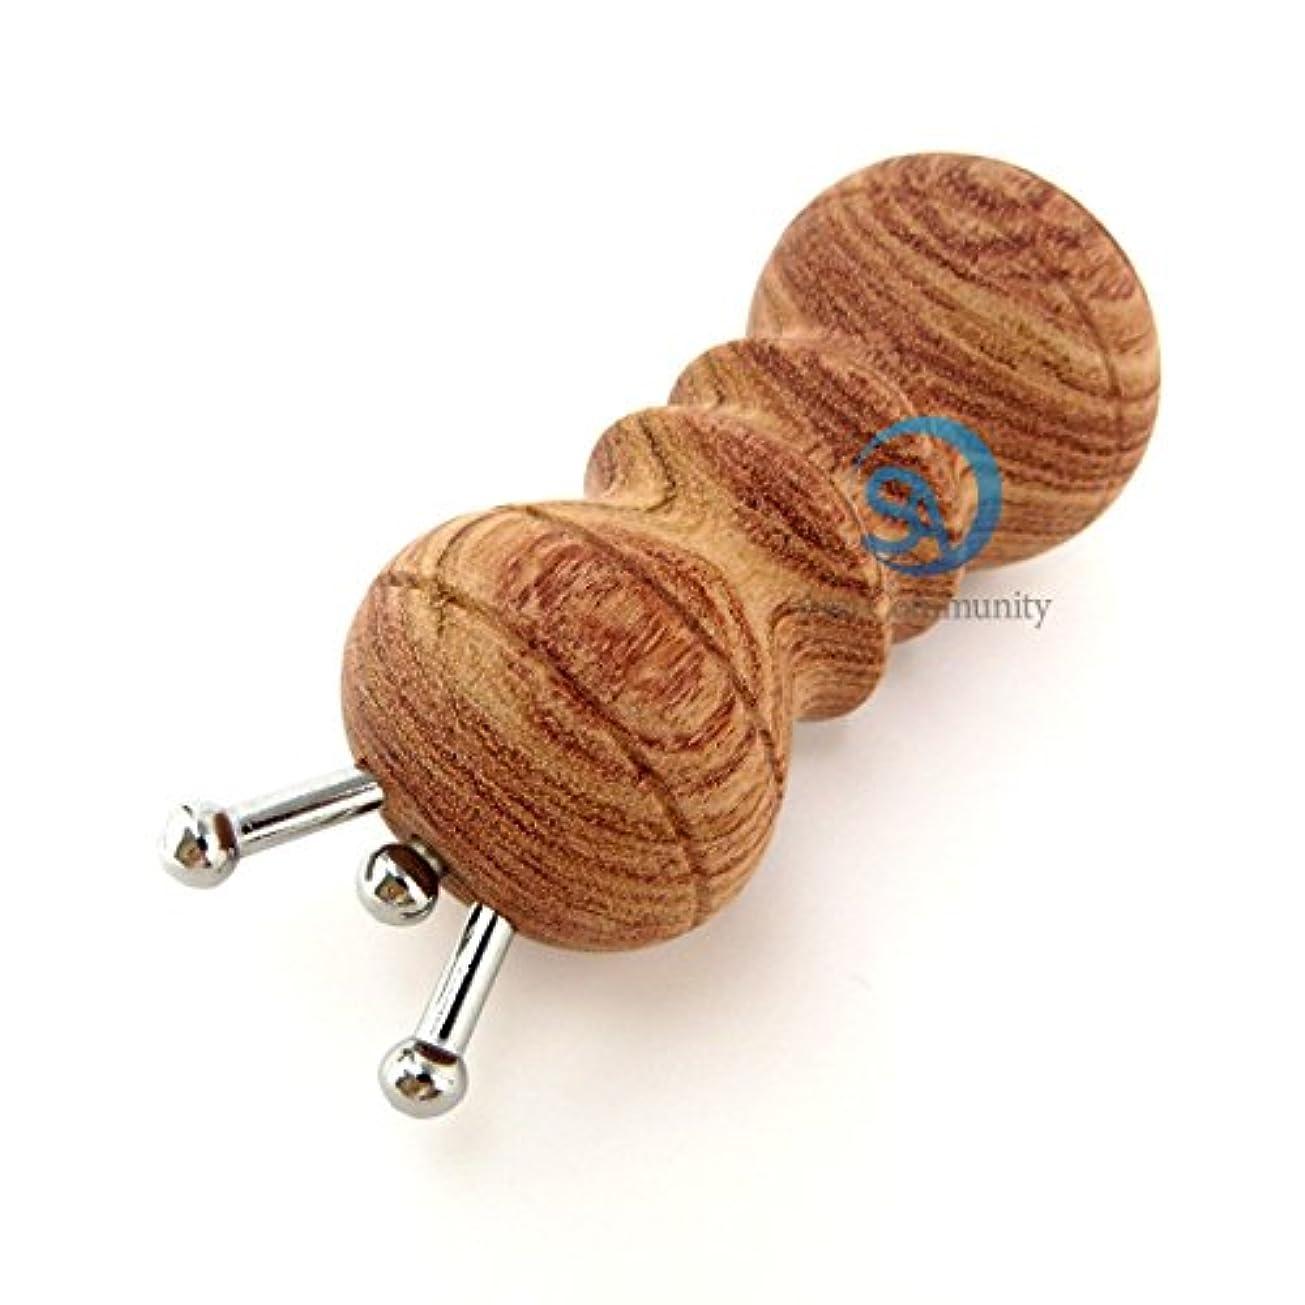 親地震聞きますかっさ 無痕かっさ 天然花梨木 (カリボク) 磁石付き マッサージ器